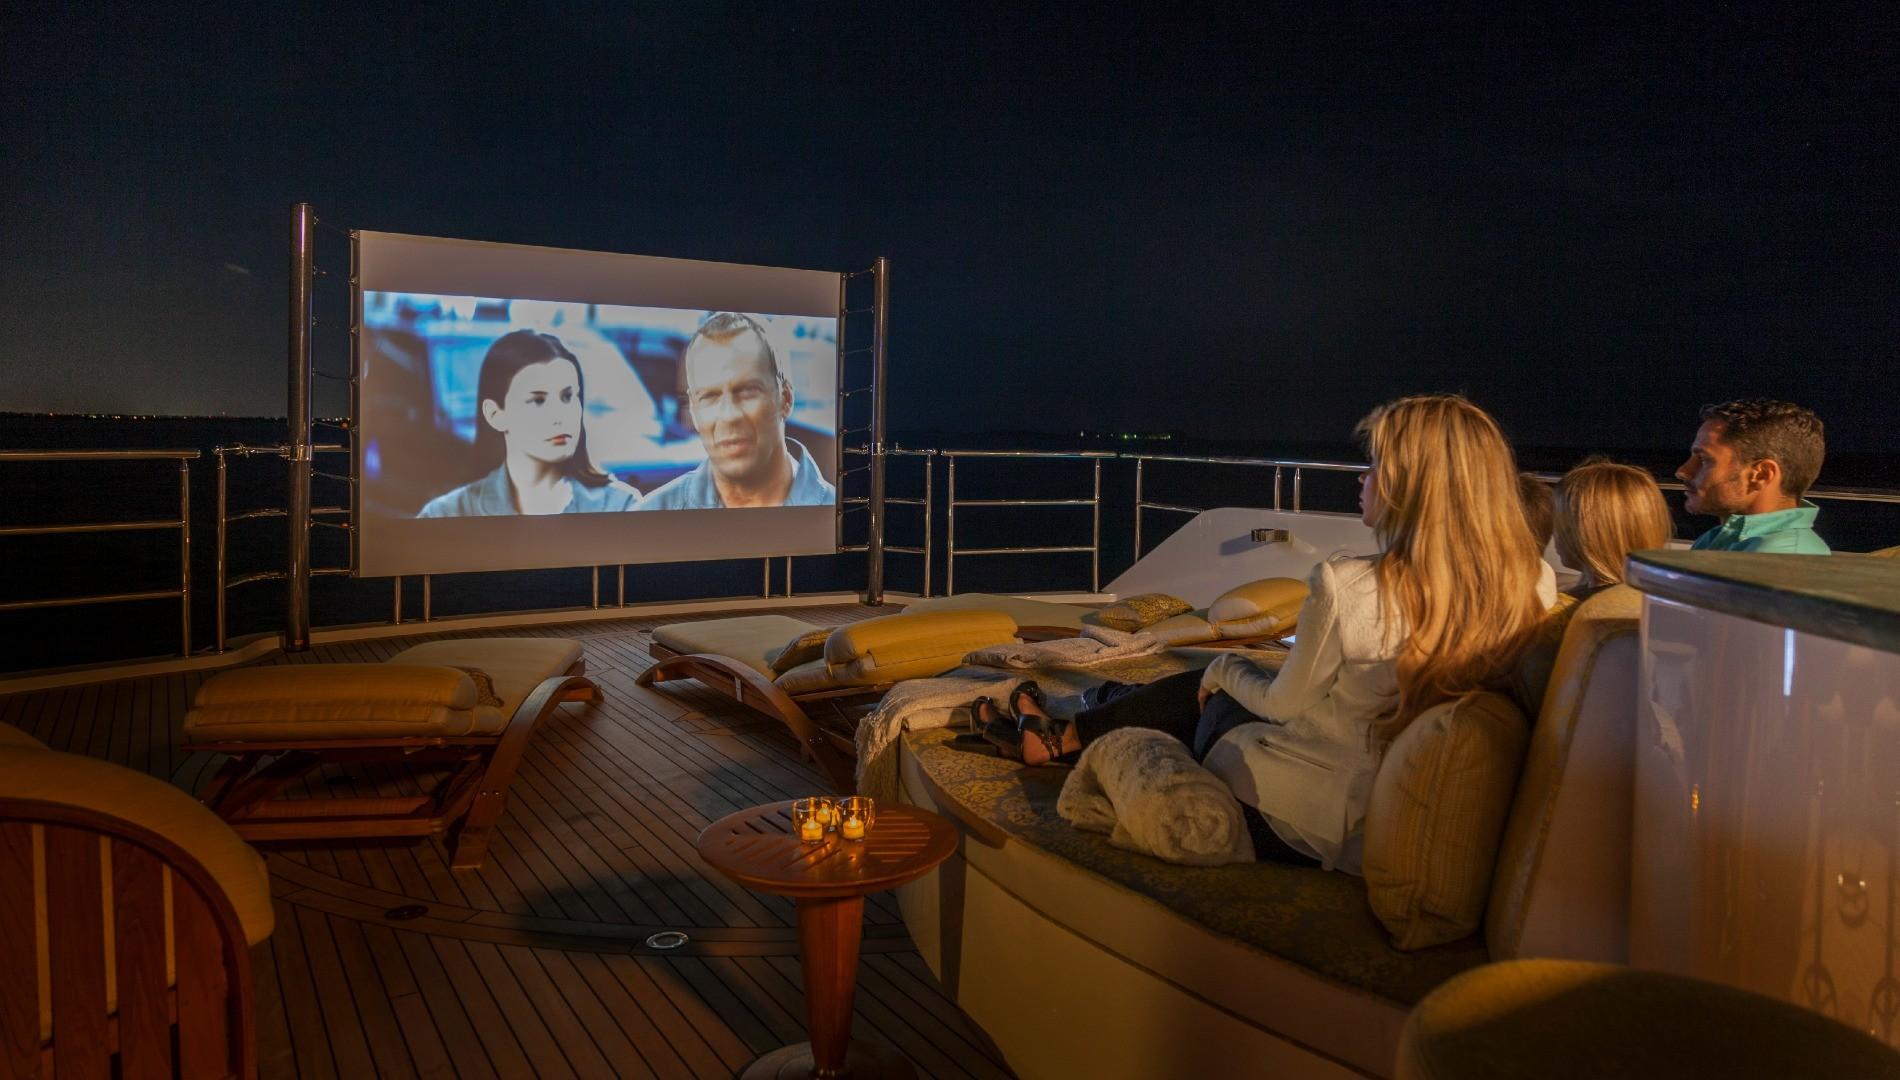 Great outdoor cinema